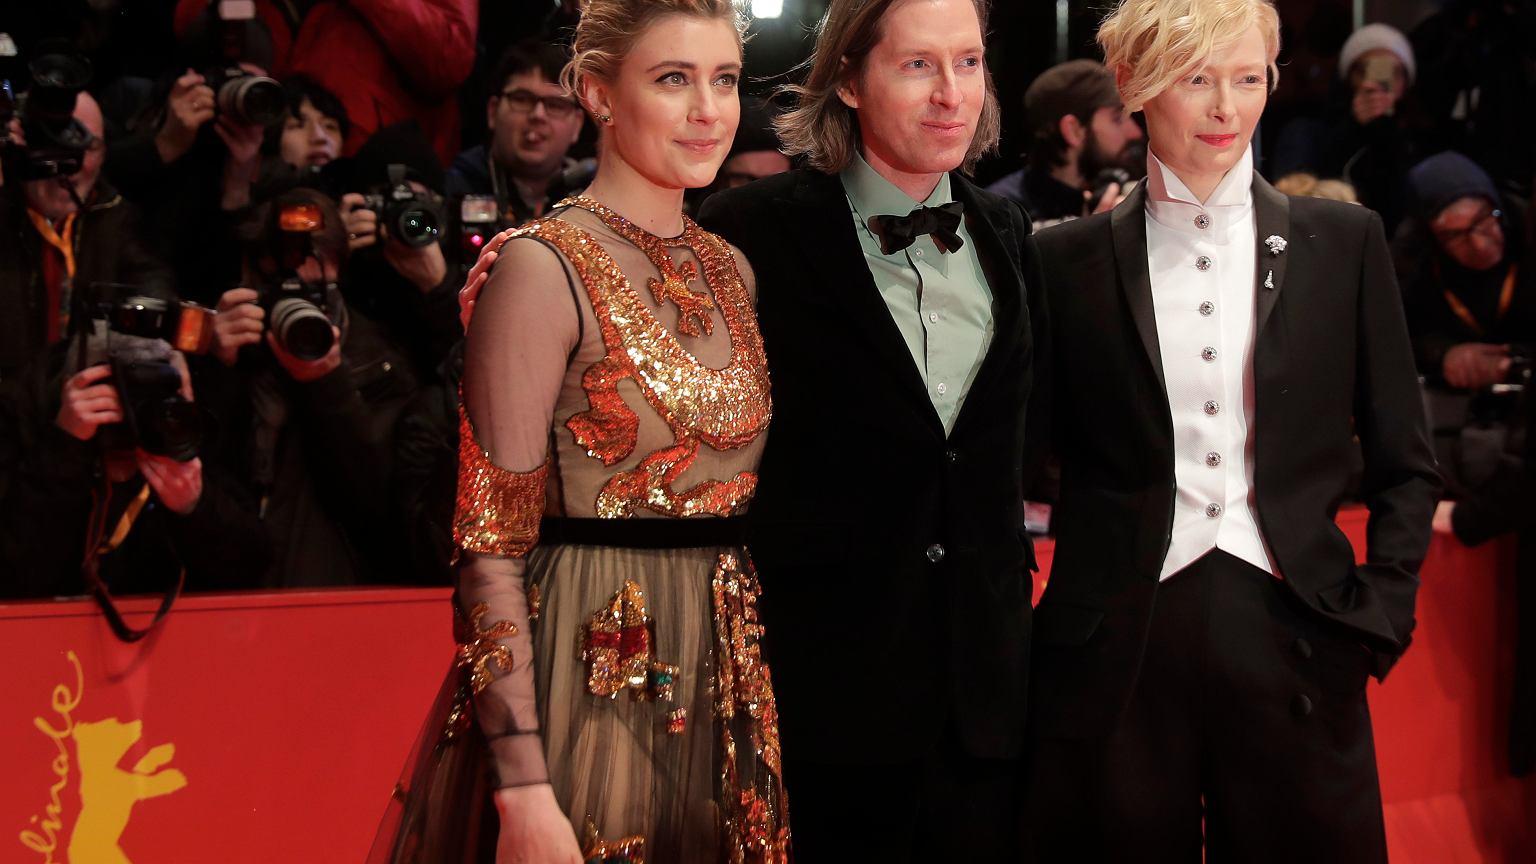 Berlinale 2018: goście obejrzą film o polskich bohaterach wojennych, ''Twarz'' Szumowskiej w konkursie głównym